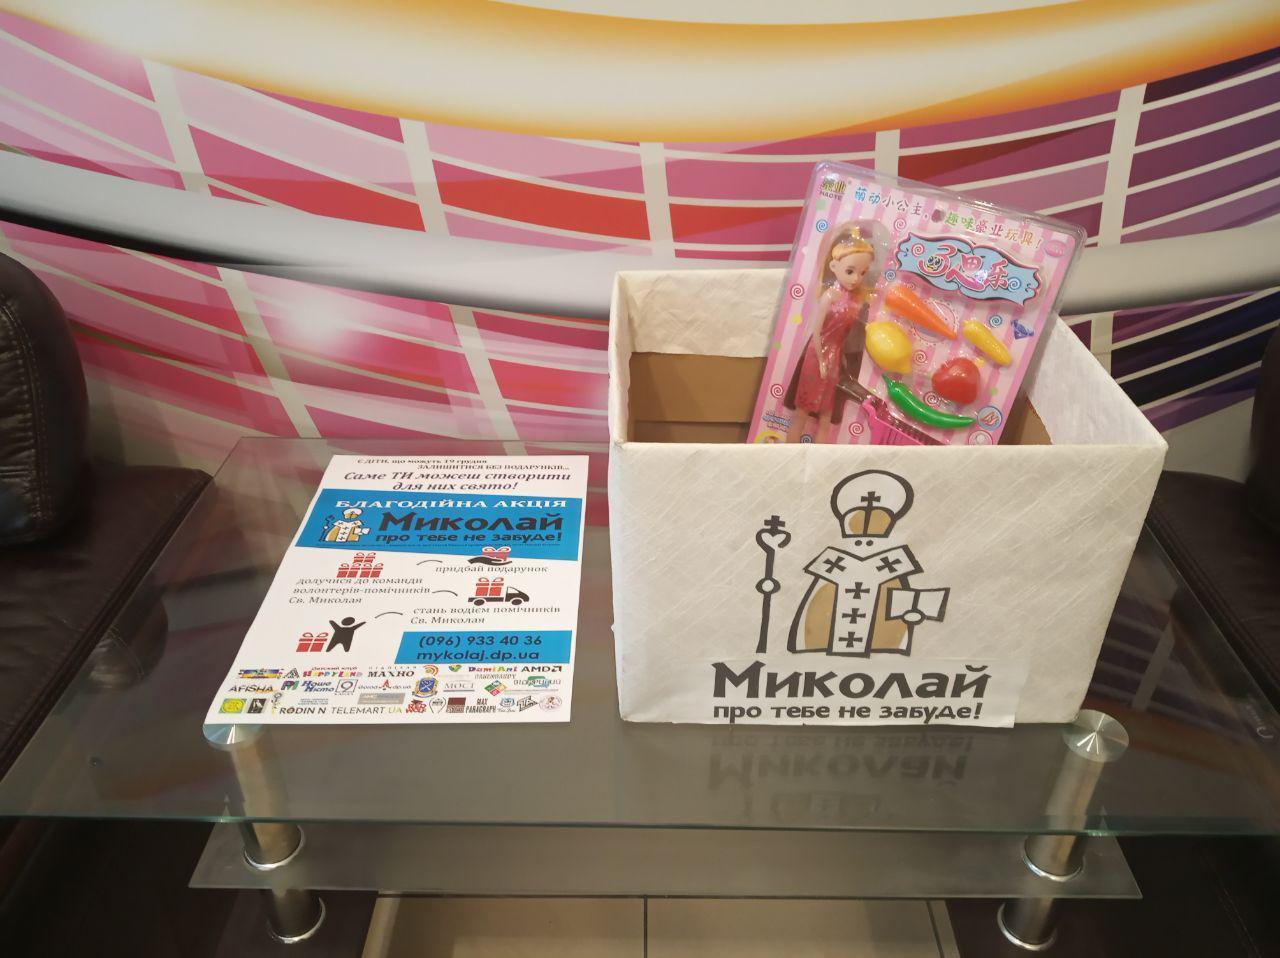 Коробка для сбора подарков и информационный плакат.